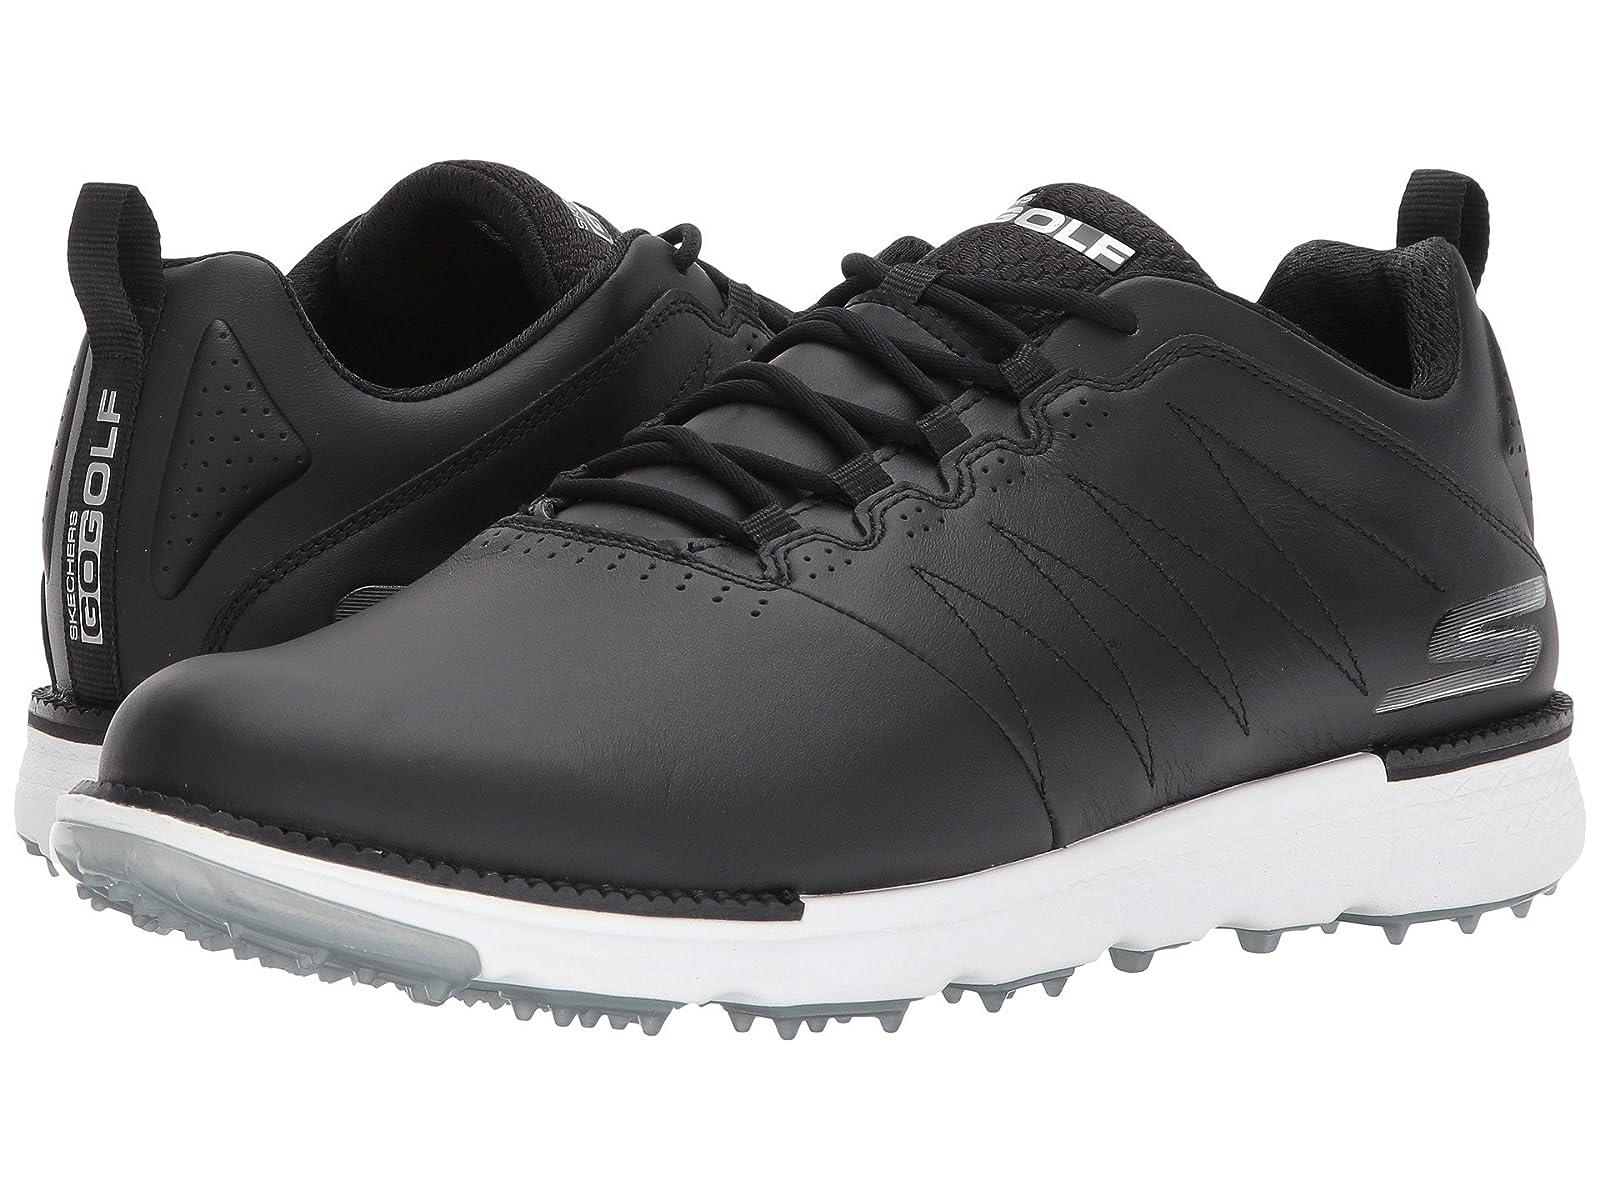 SKECHERS Performance GO GOLF - Elite V.3Atmospheric grades have affordable shoes